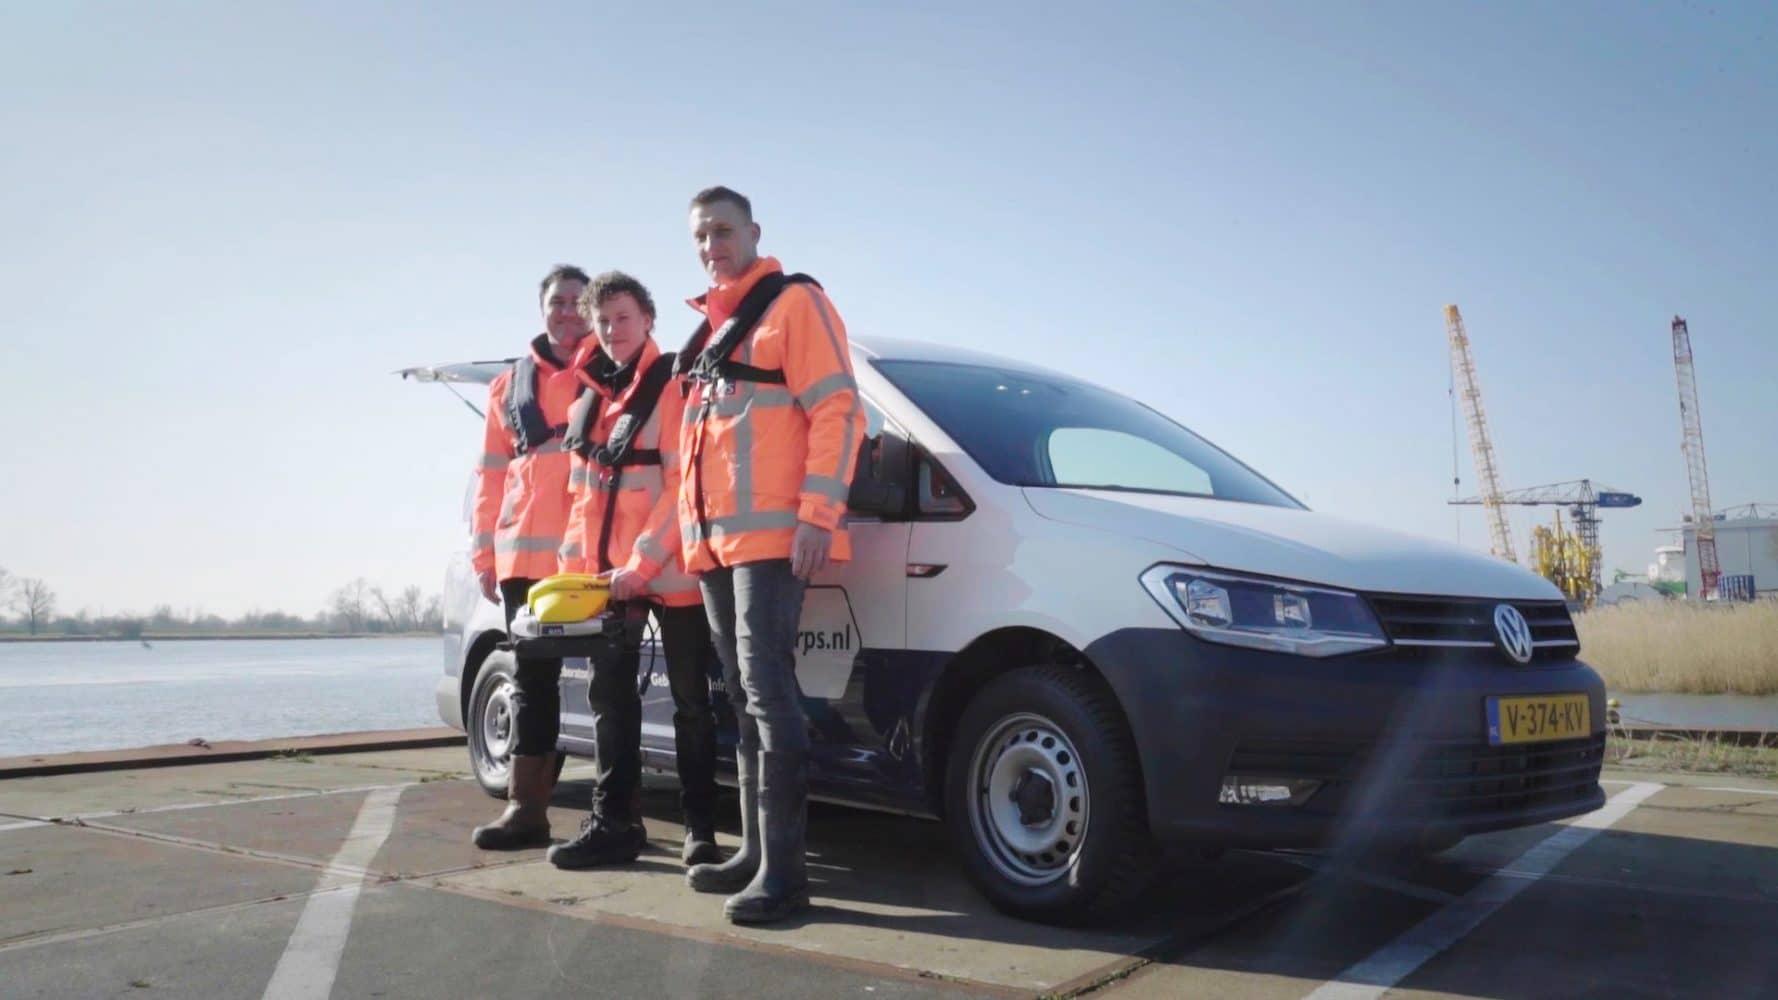 rps-dienst-rov-inspectie-team